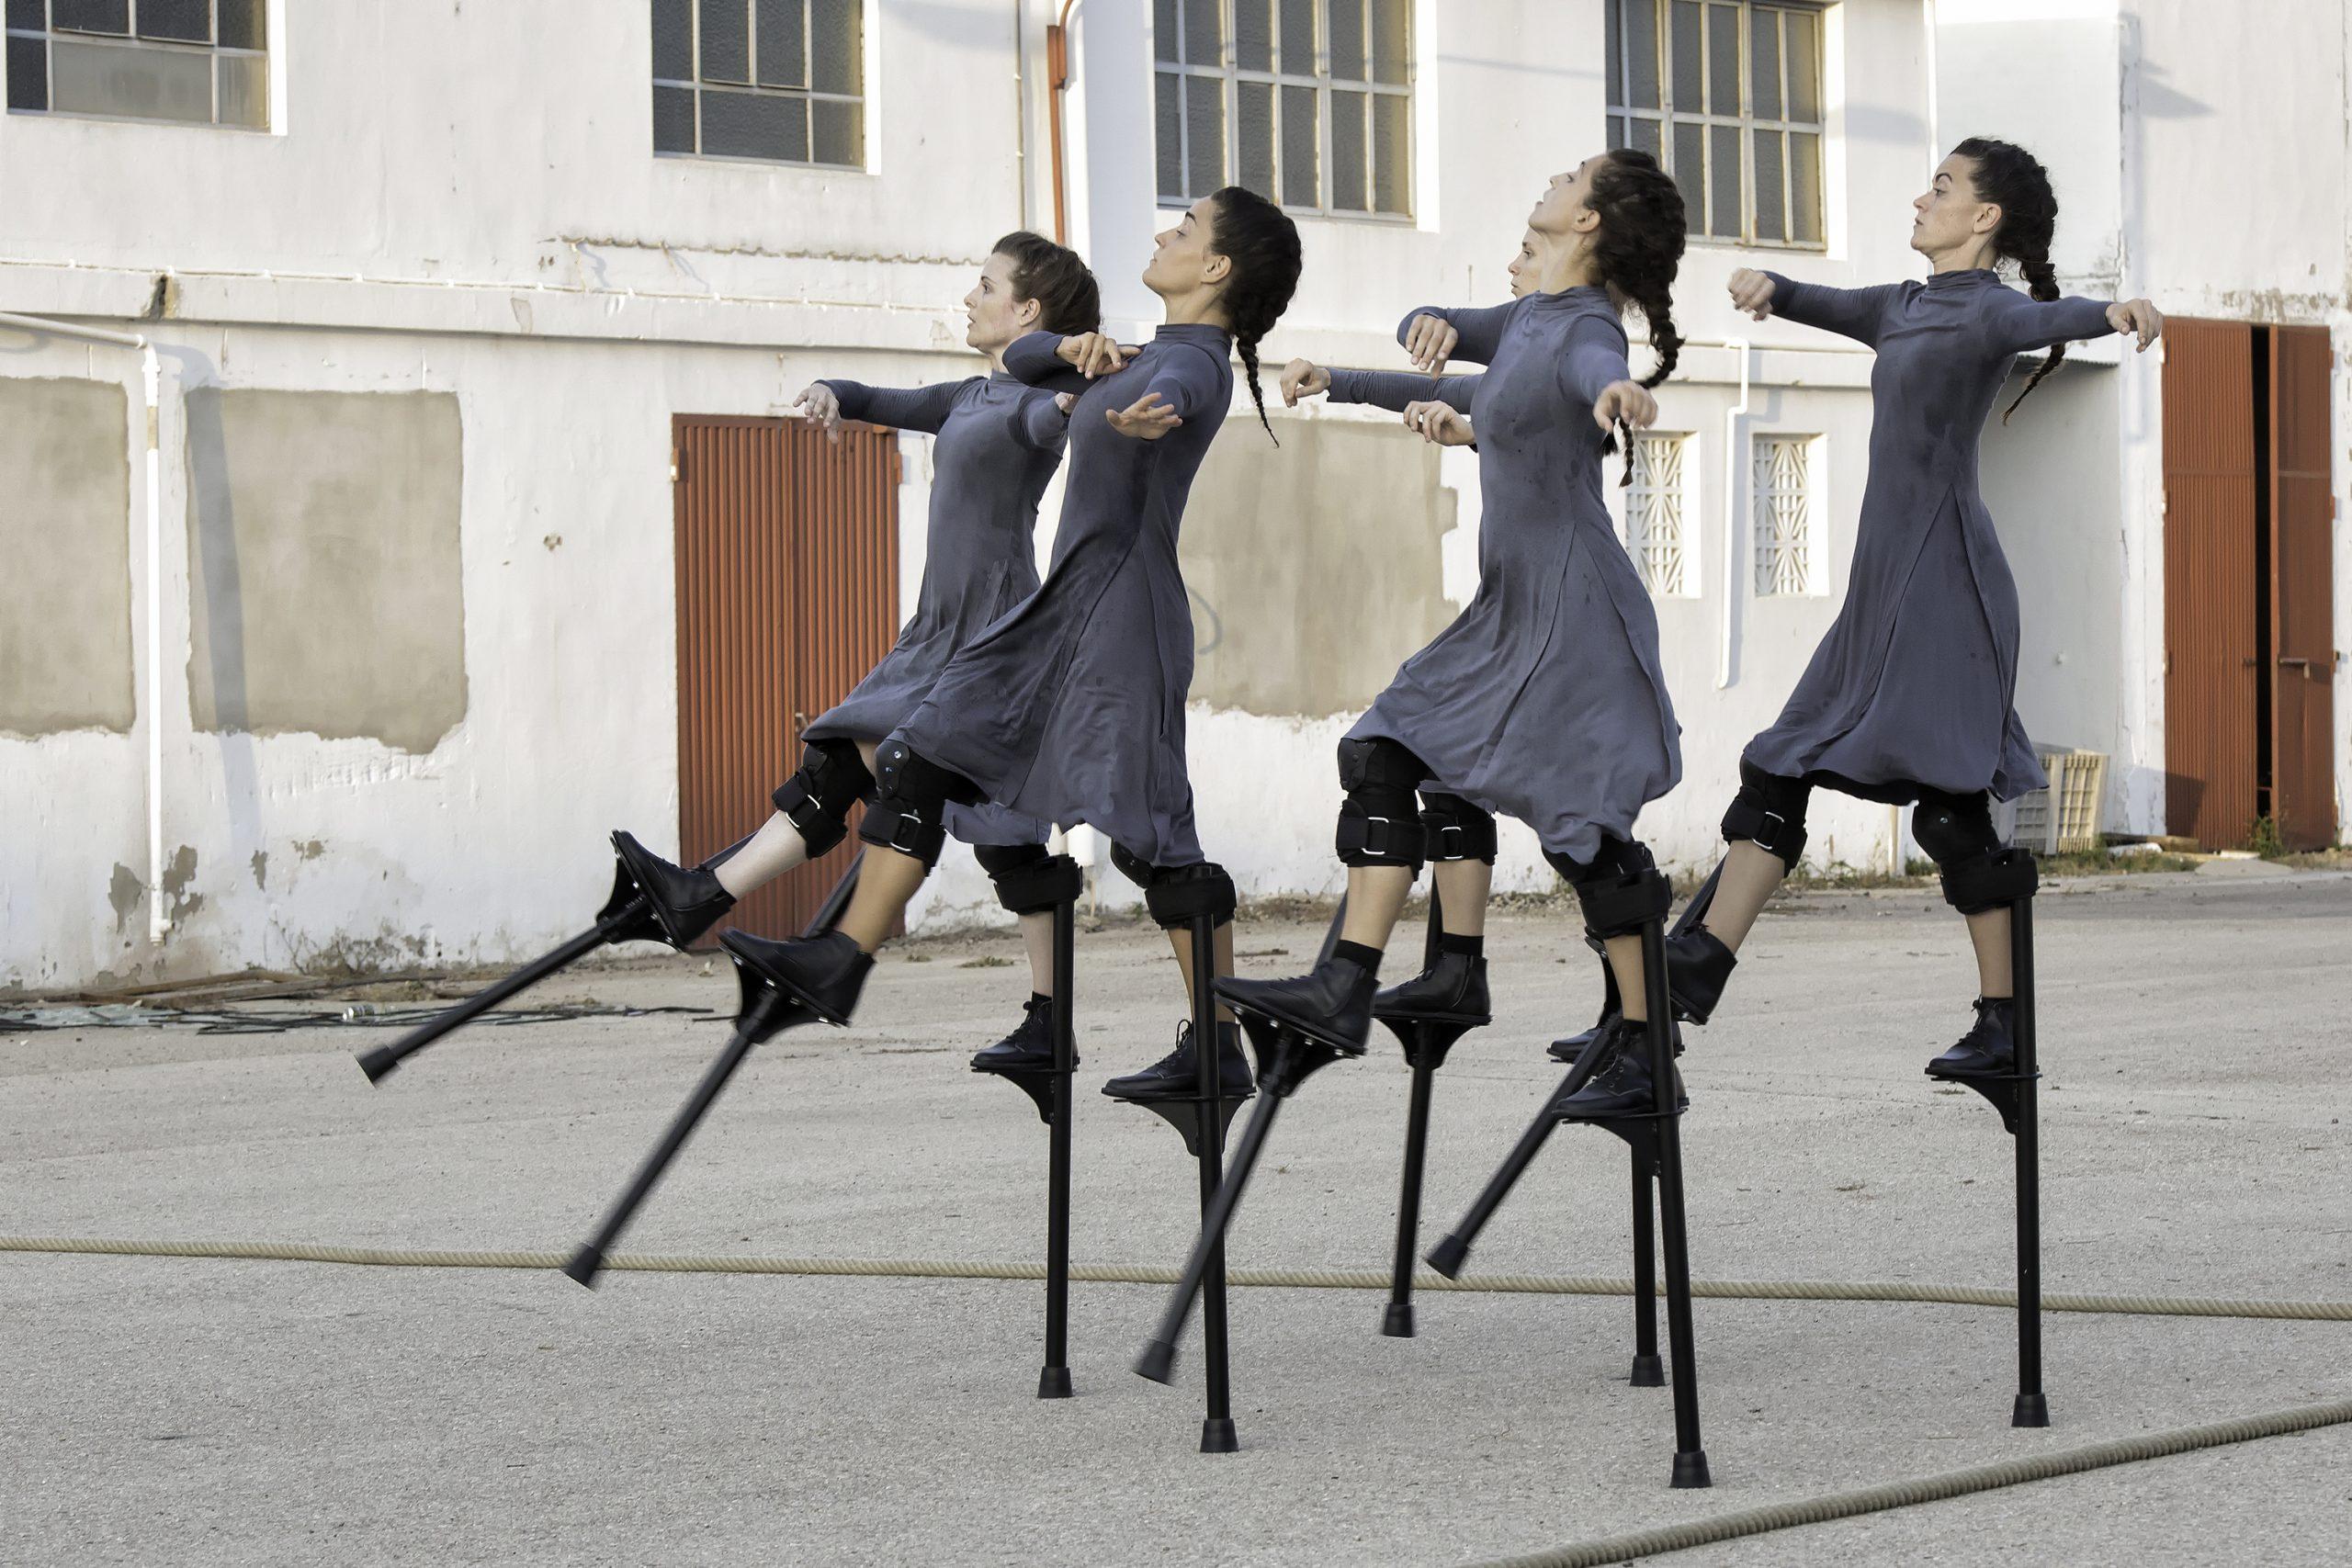 23 Milhas, em Ílhavo, recebe companhia espanhola Cia. Maduixa no primeiro espetáculo no Planteia